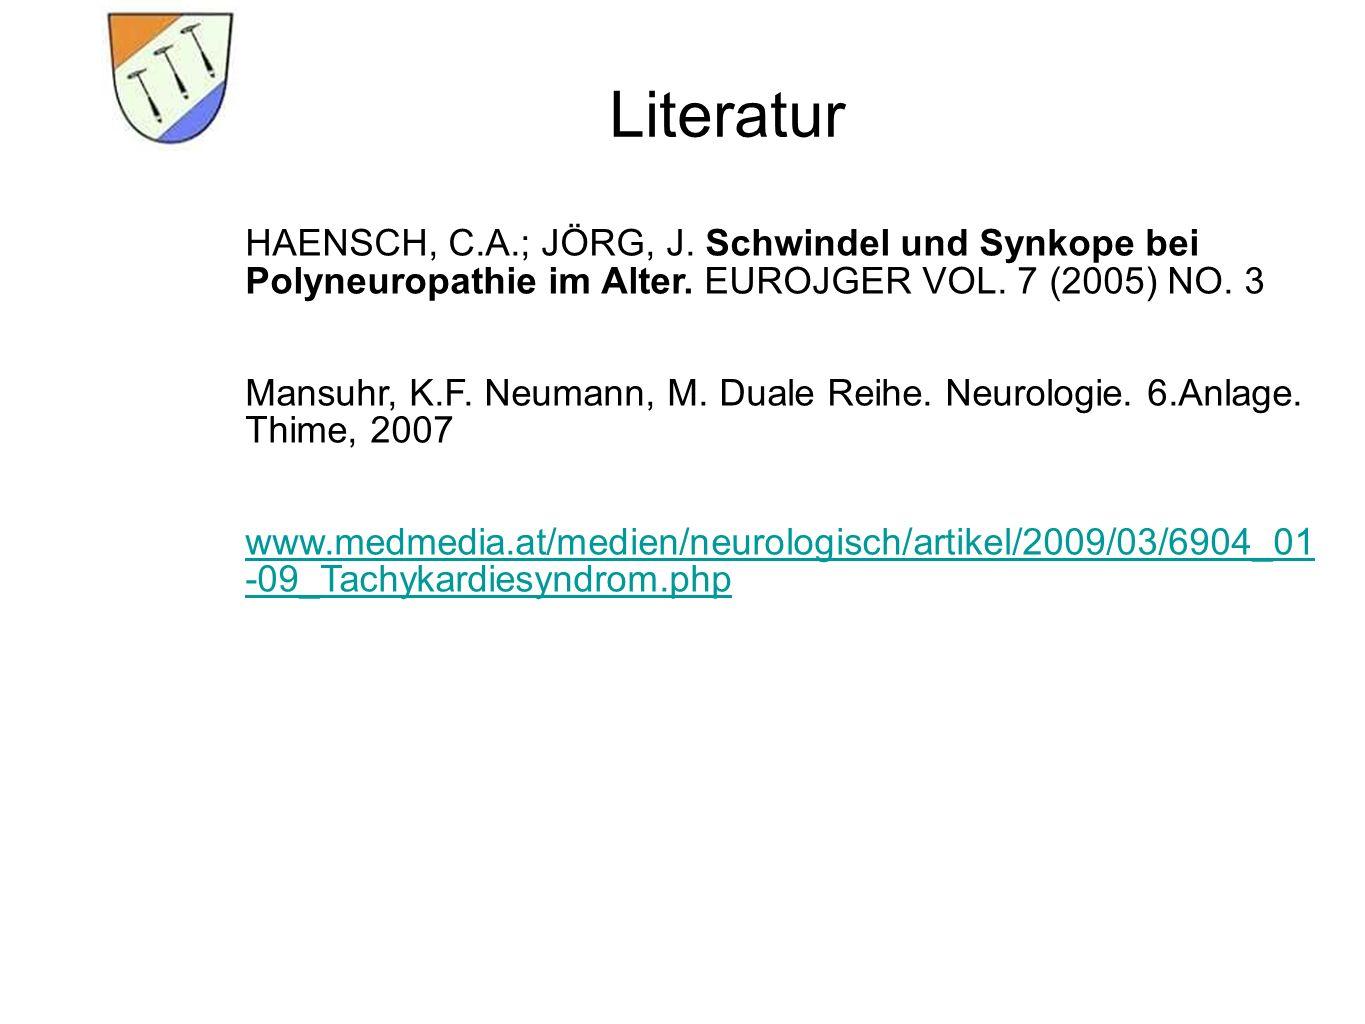 Literatur HAENSCH, C.A.; JÖRG, J. Schwindel und Synkope bei